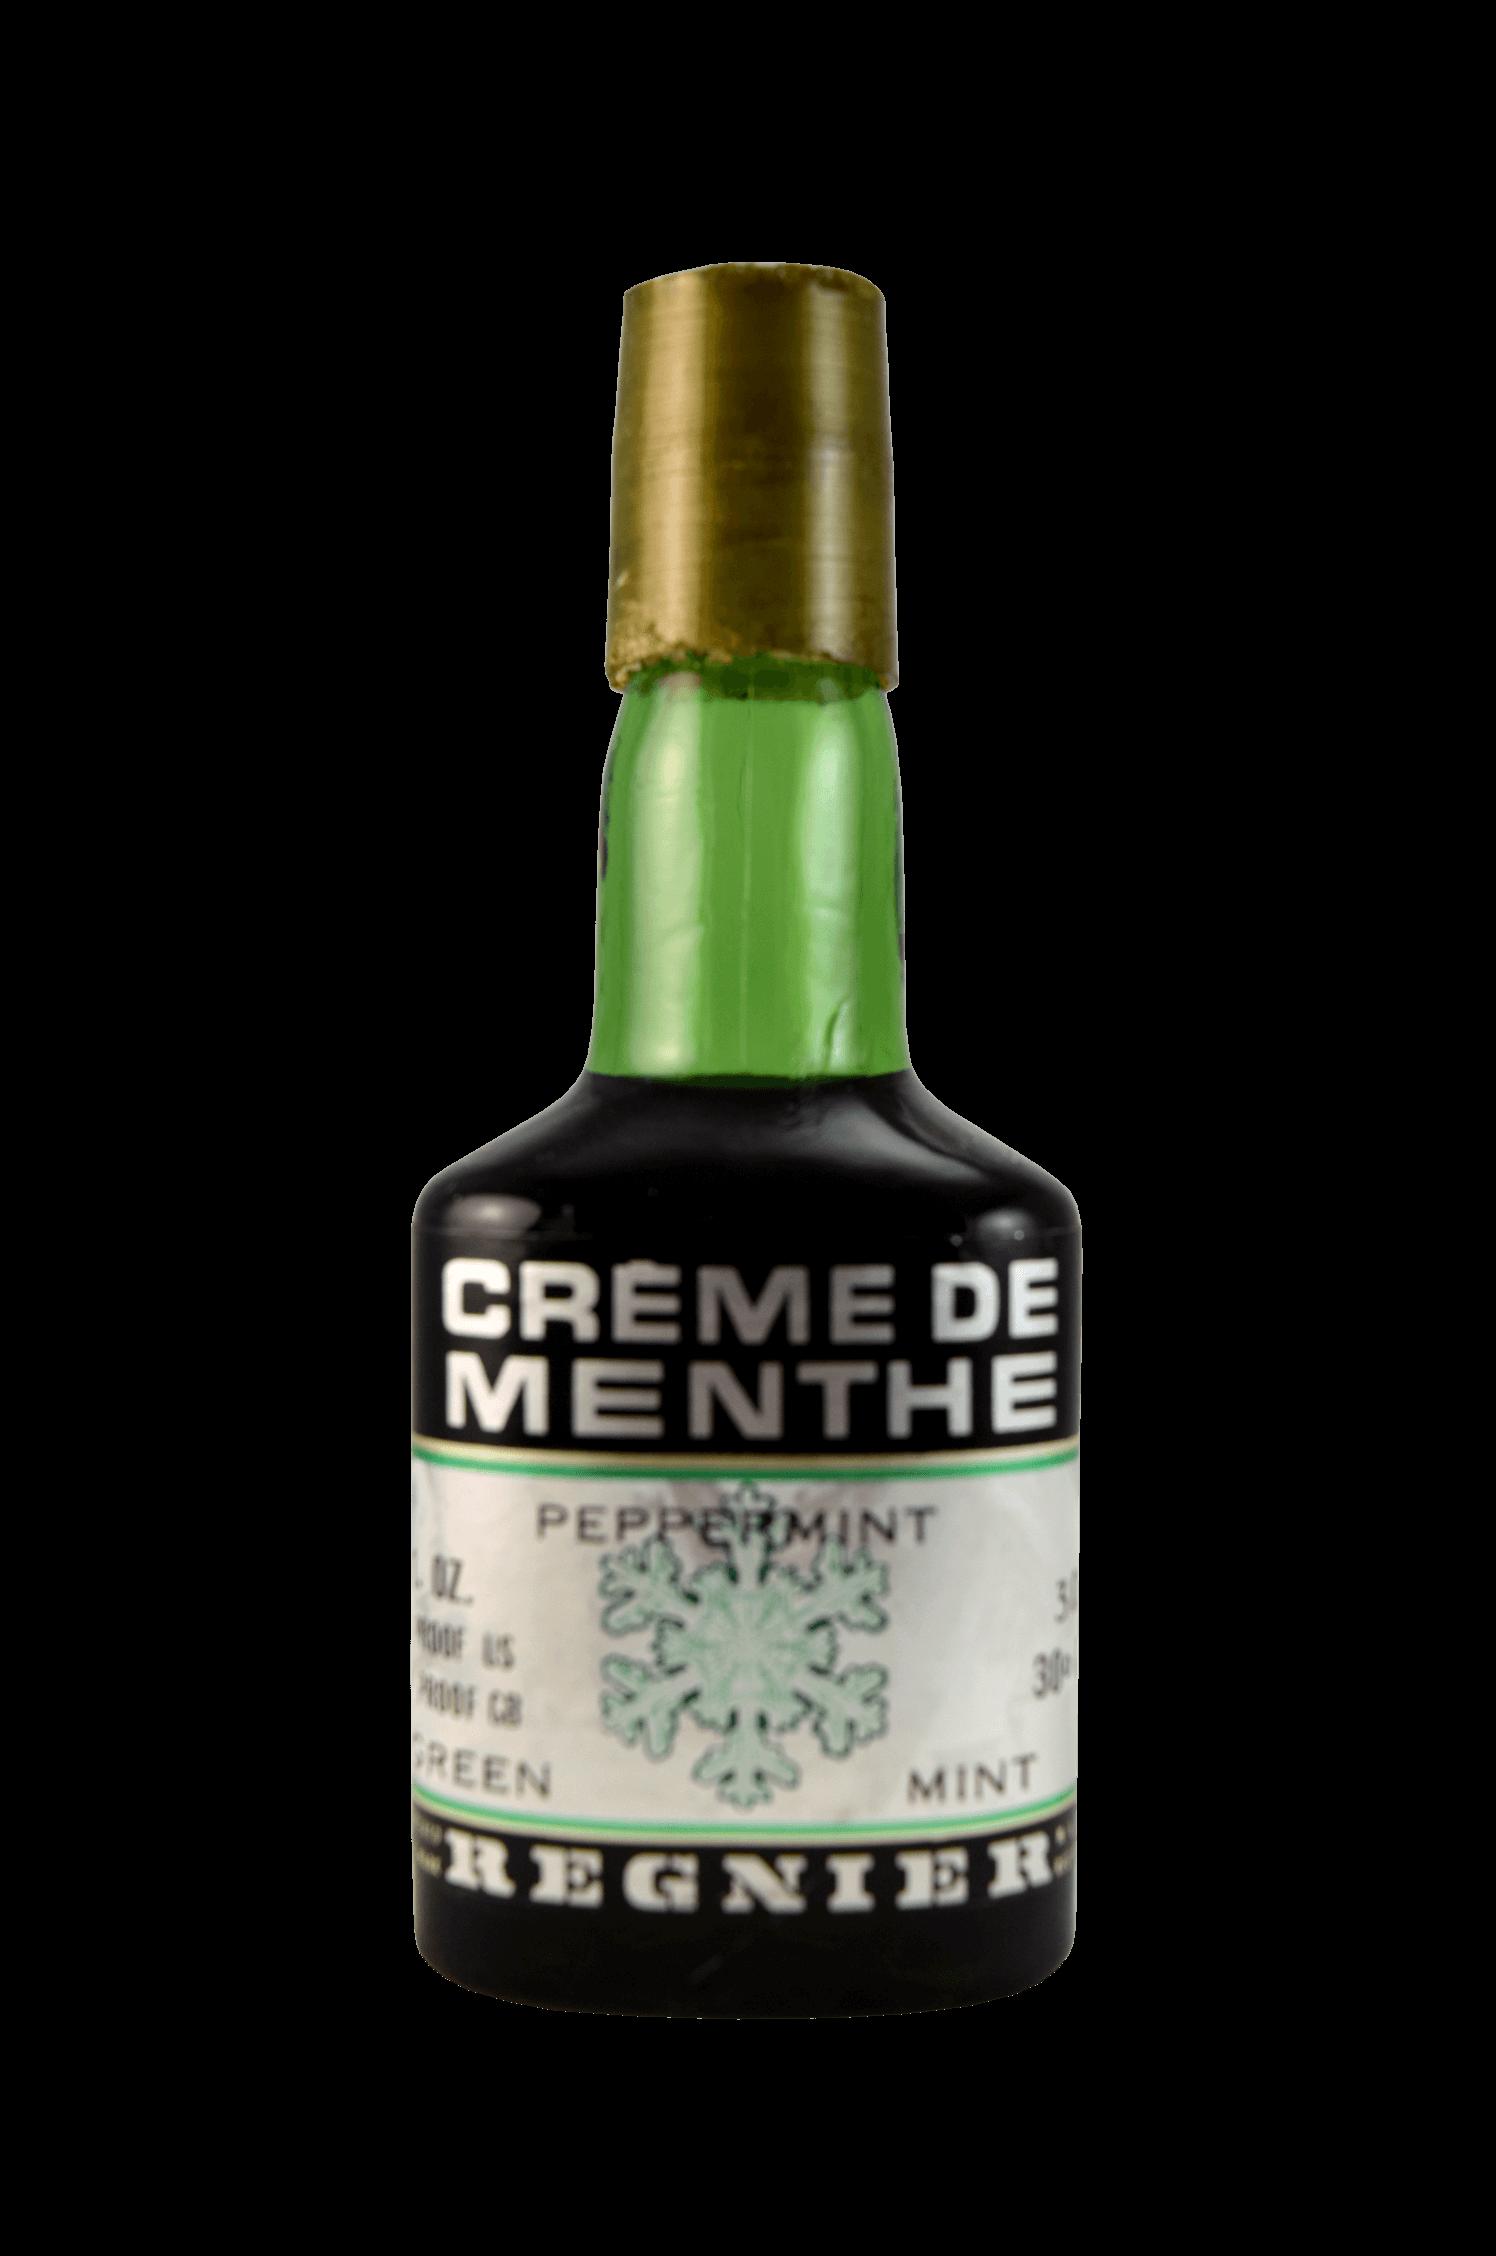 Regnier Creme De Menthe